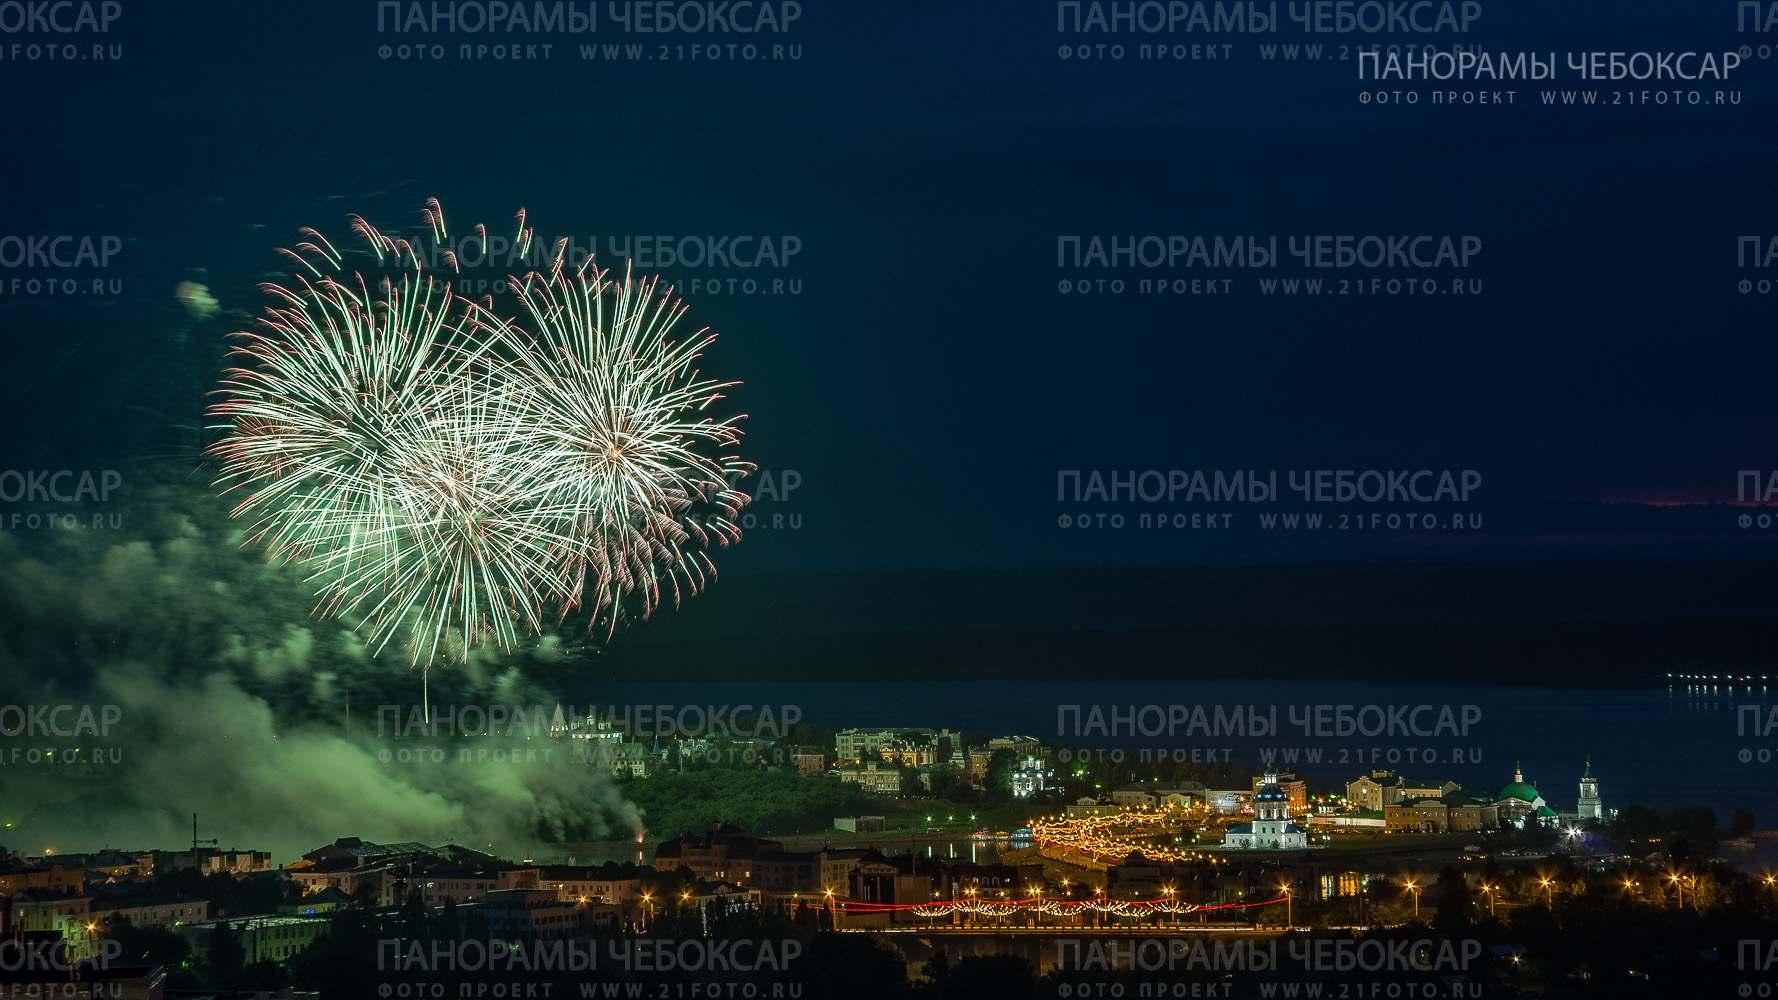 Салют — День республики 2013 2